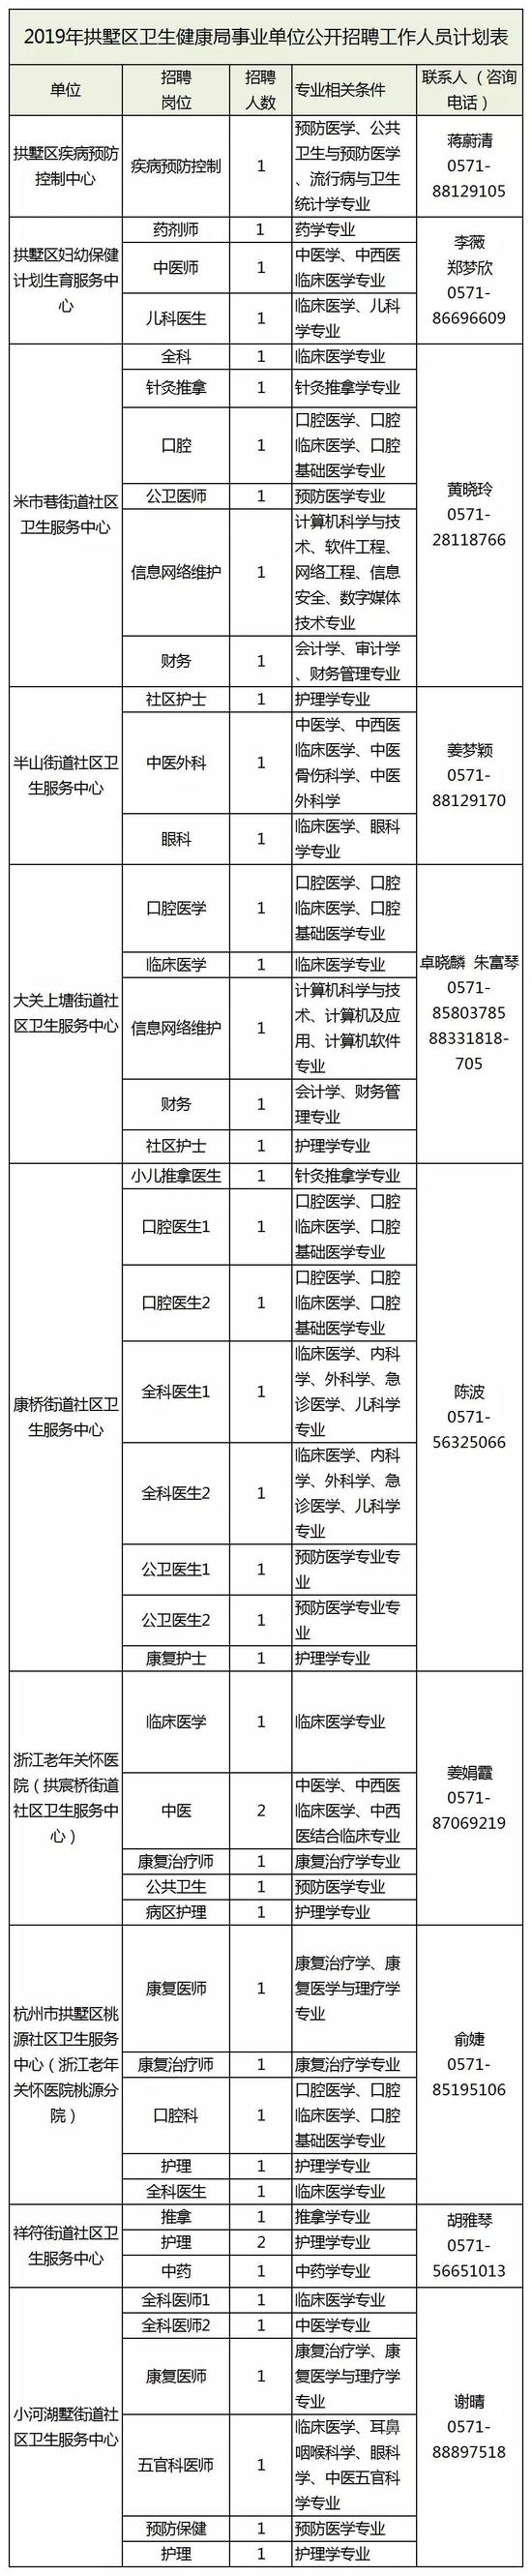 详情点击:拱墅10家事业单位招聘47名工作人员